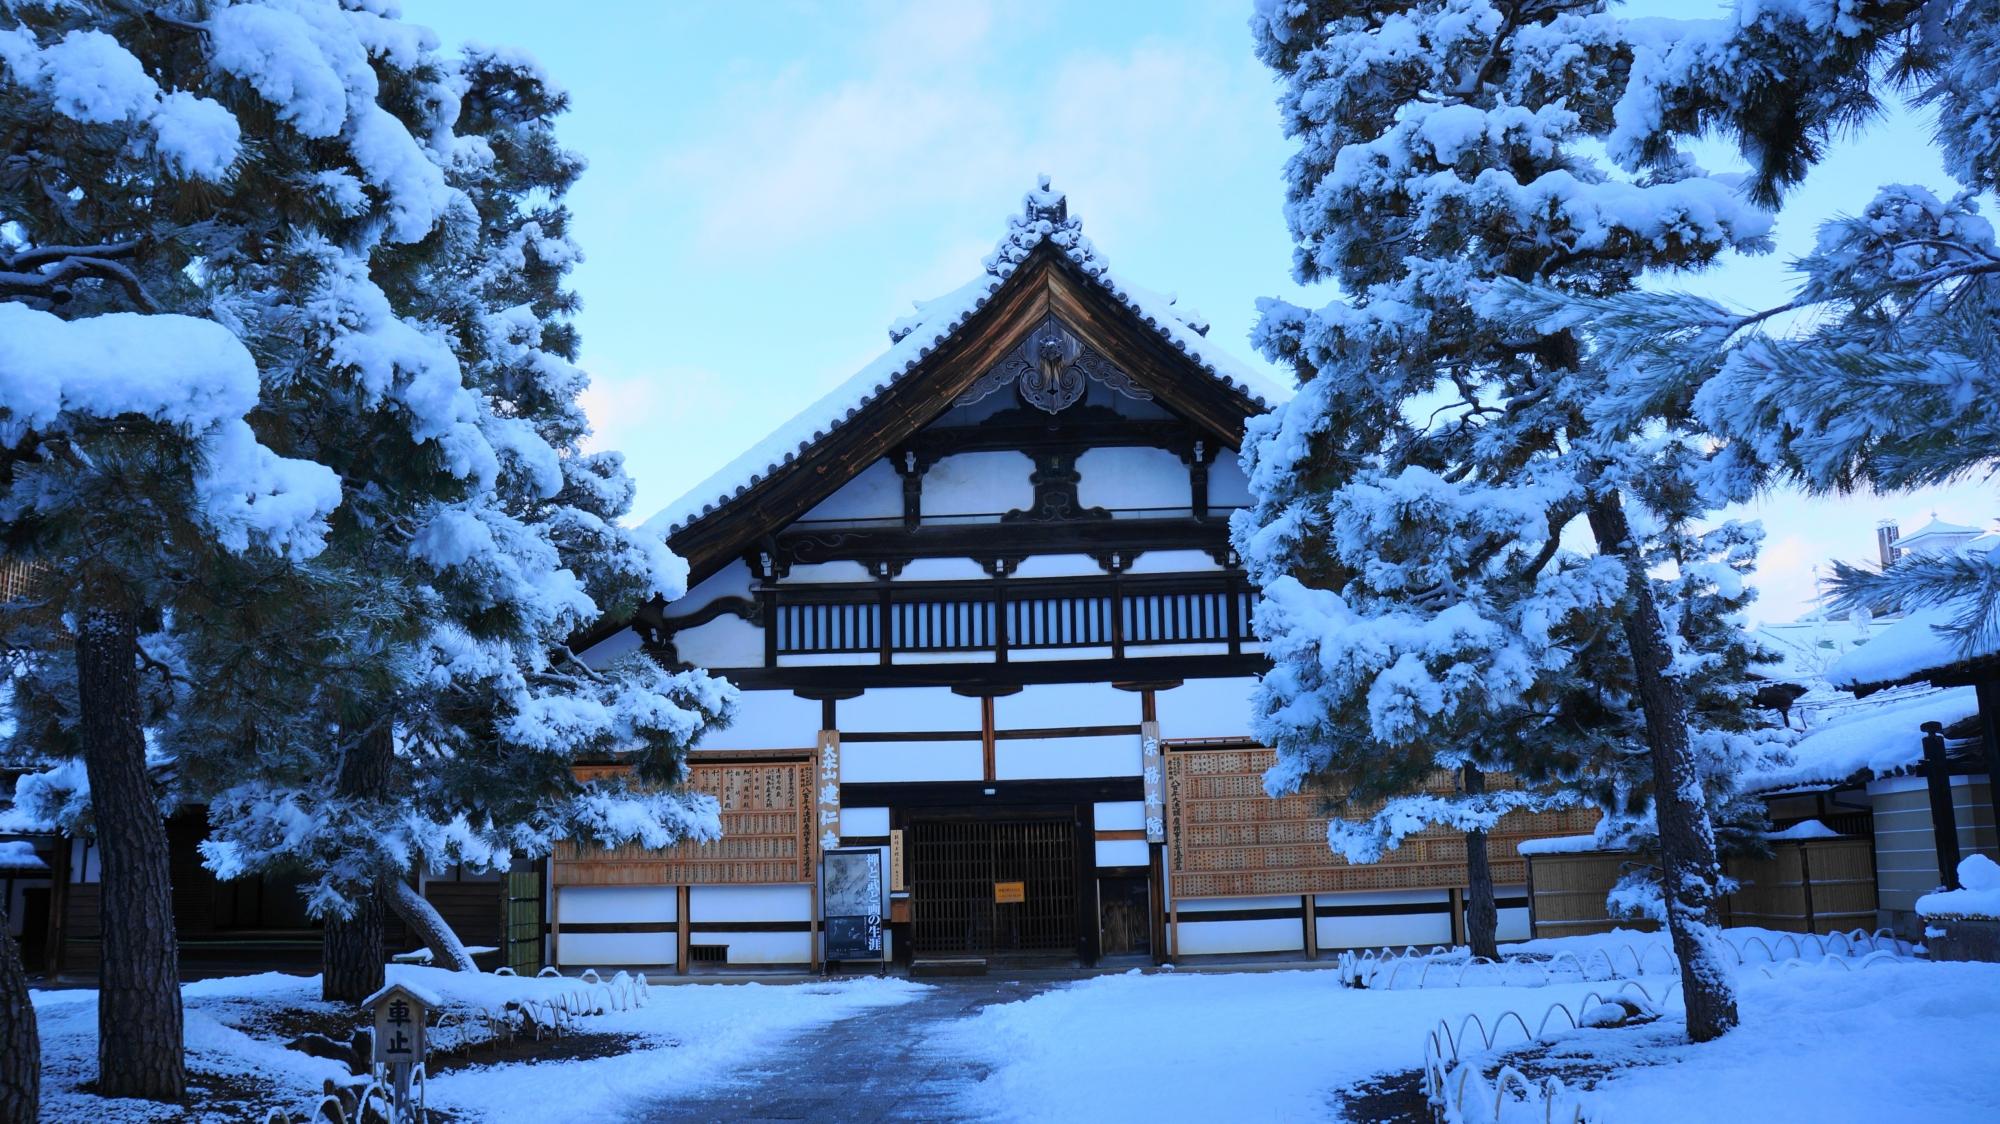 建仁寺の庫裡の雪景色